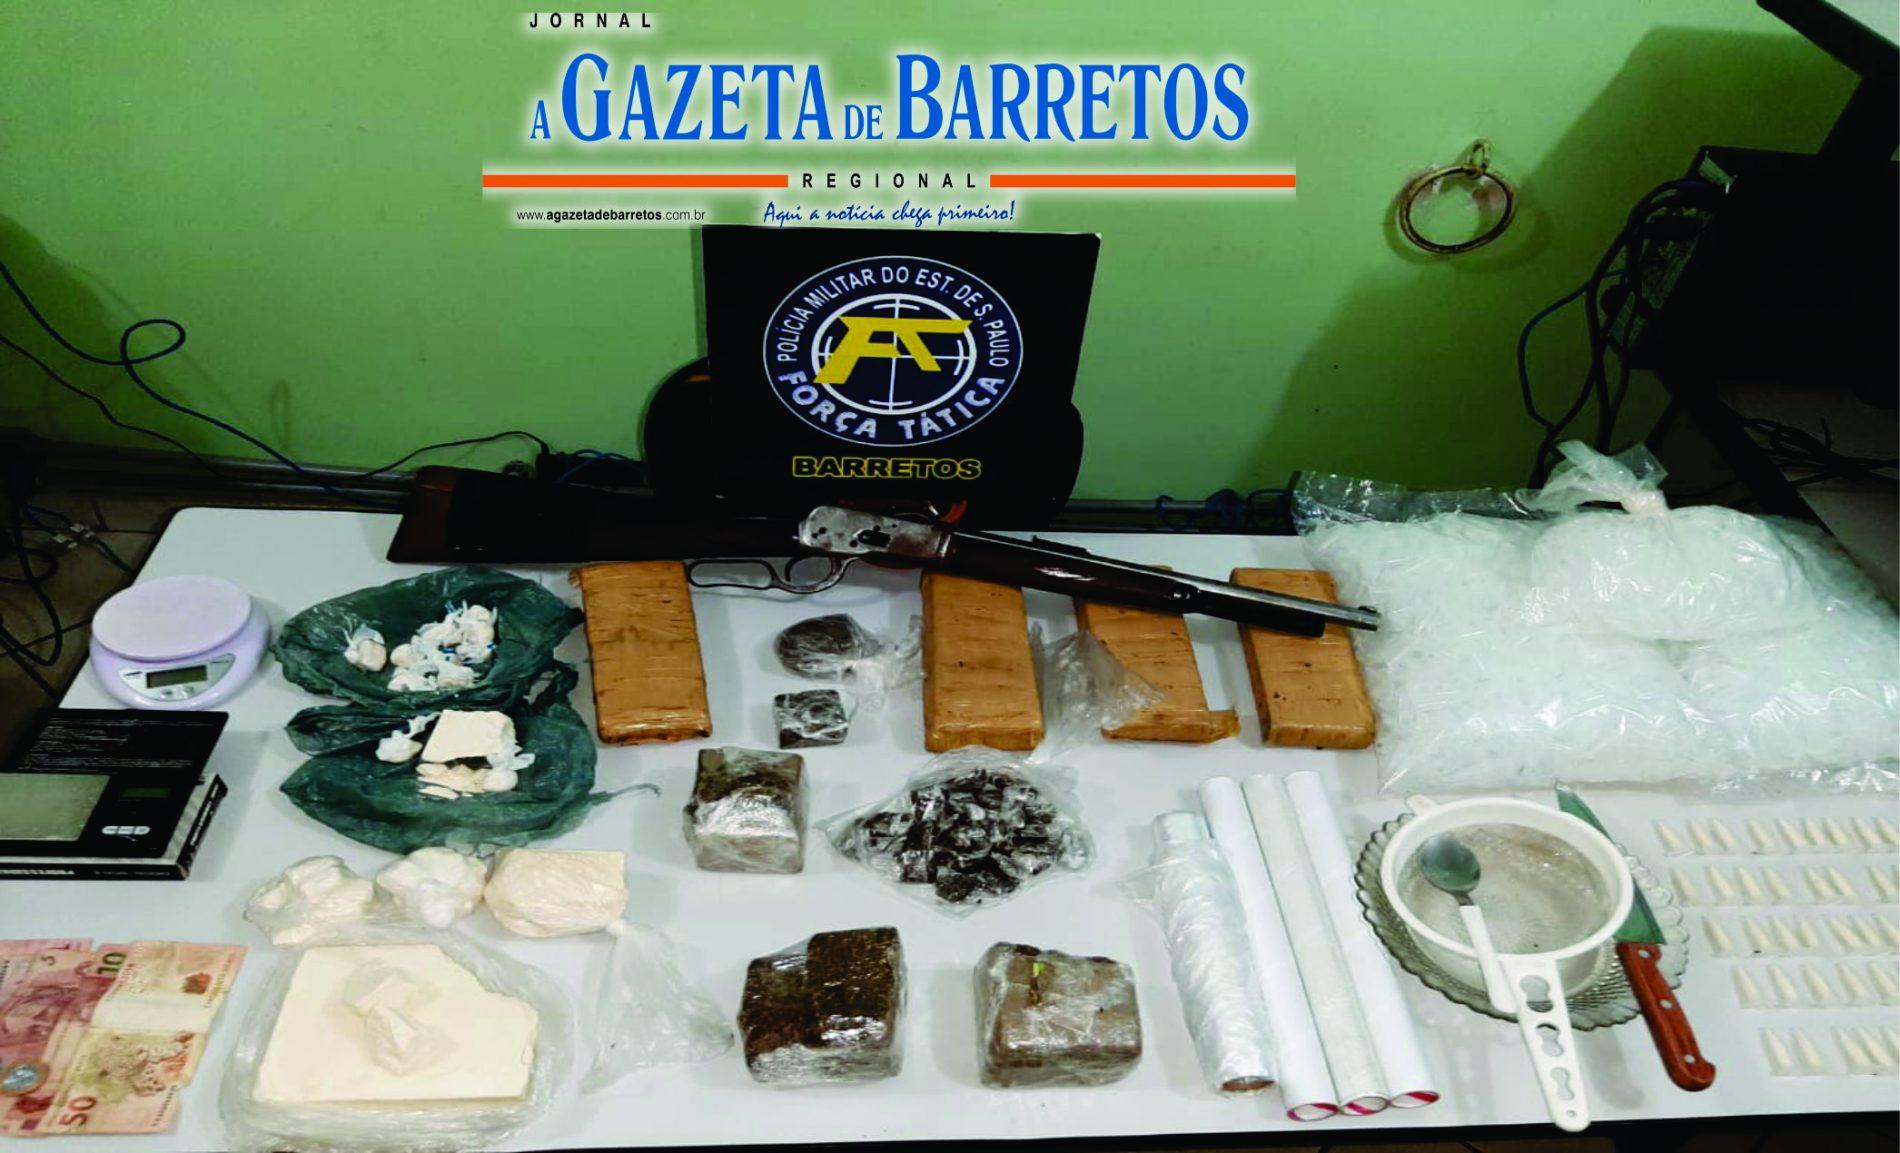 BARRETOS: VULGO MELOSO é preso com quase cinco quilos de drogas, arma e outros objetos em residência no Derby Clube